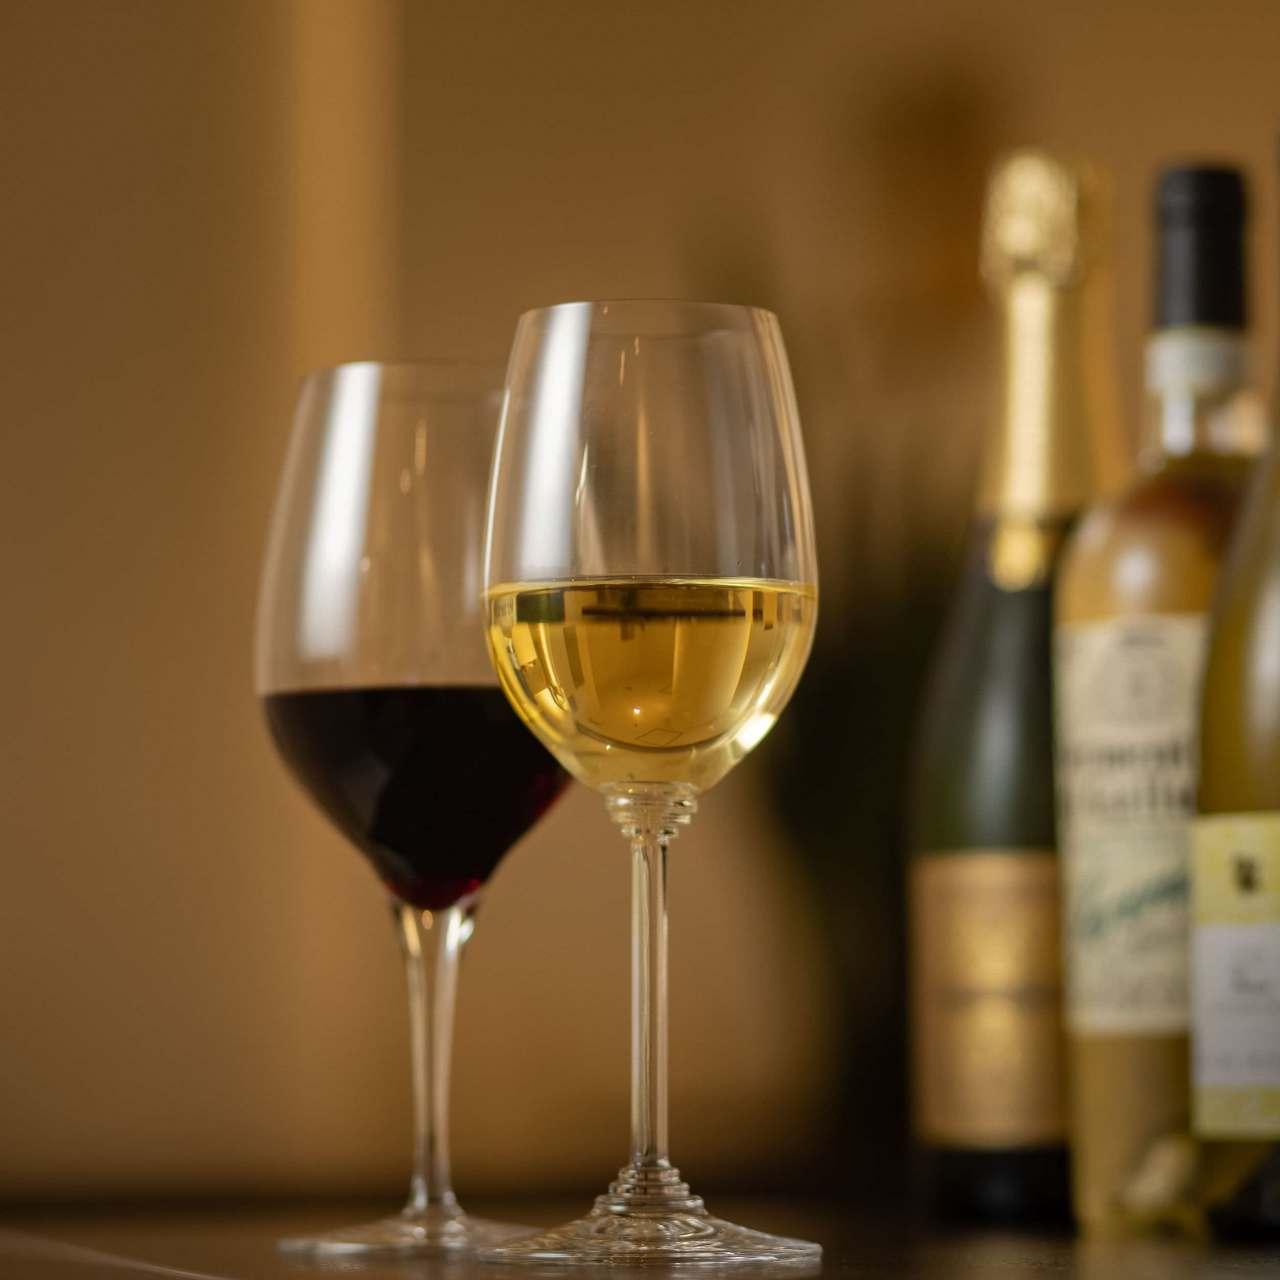 ソムリエが厳選したイタリアワインを